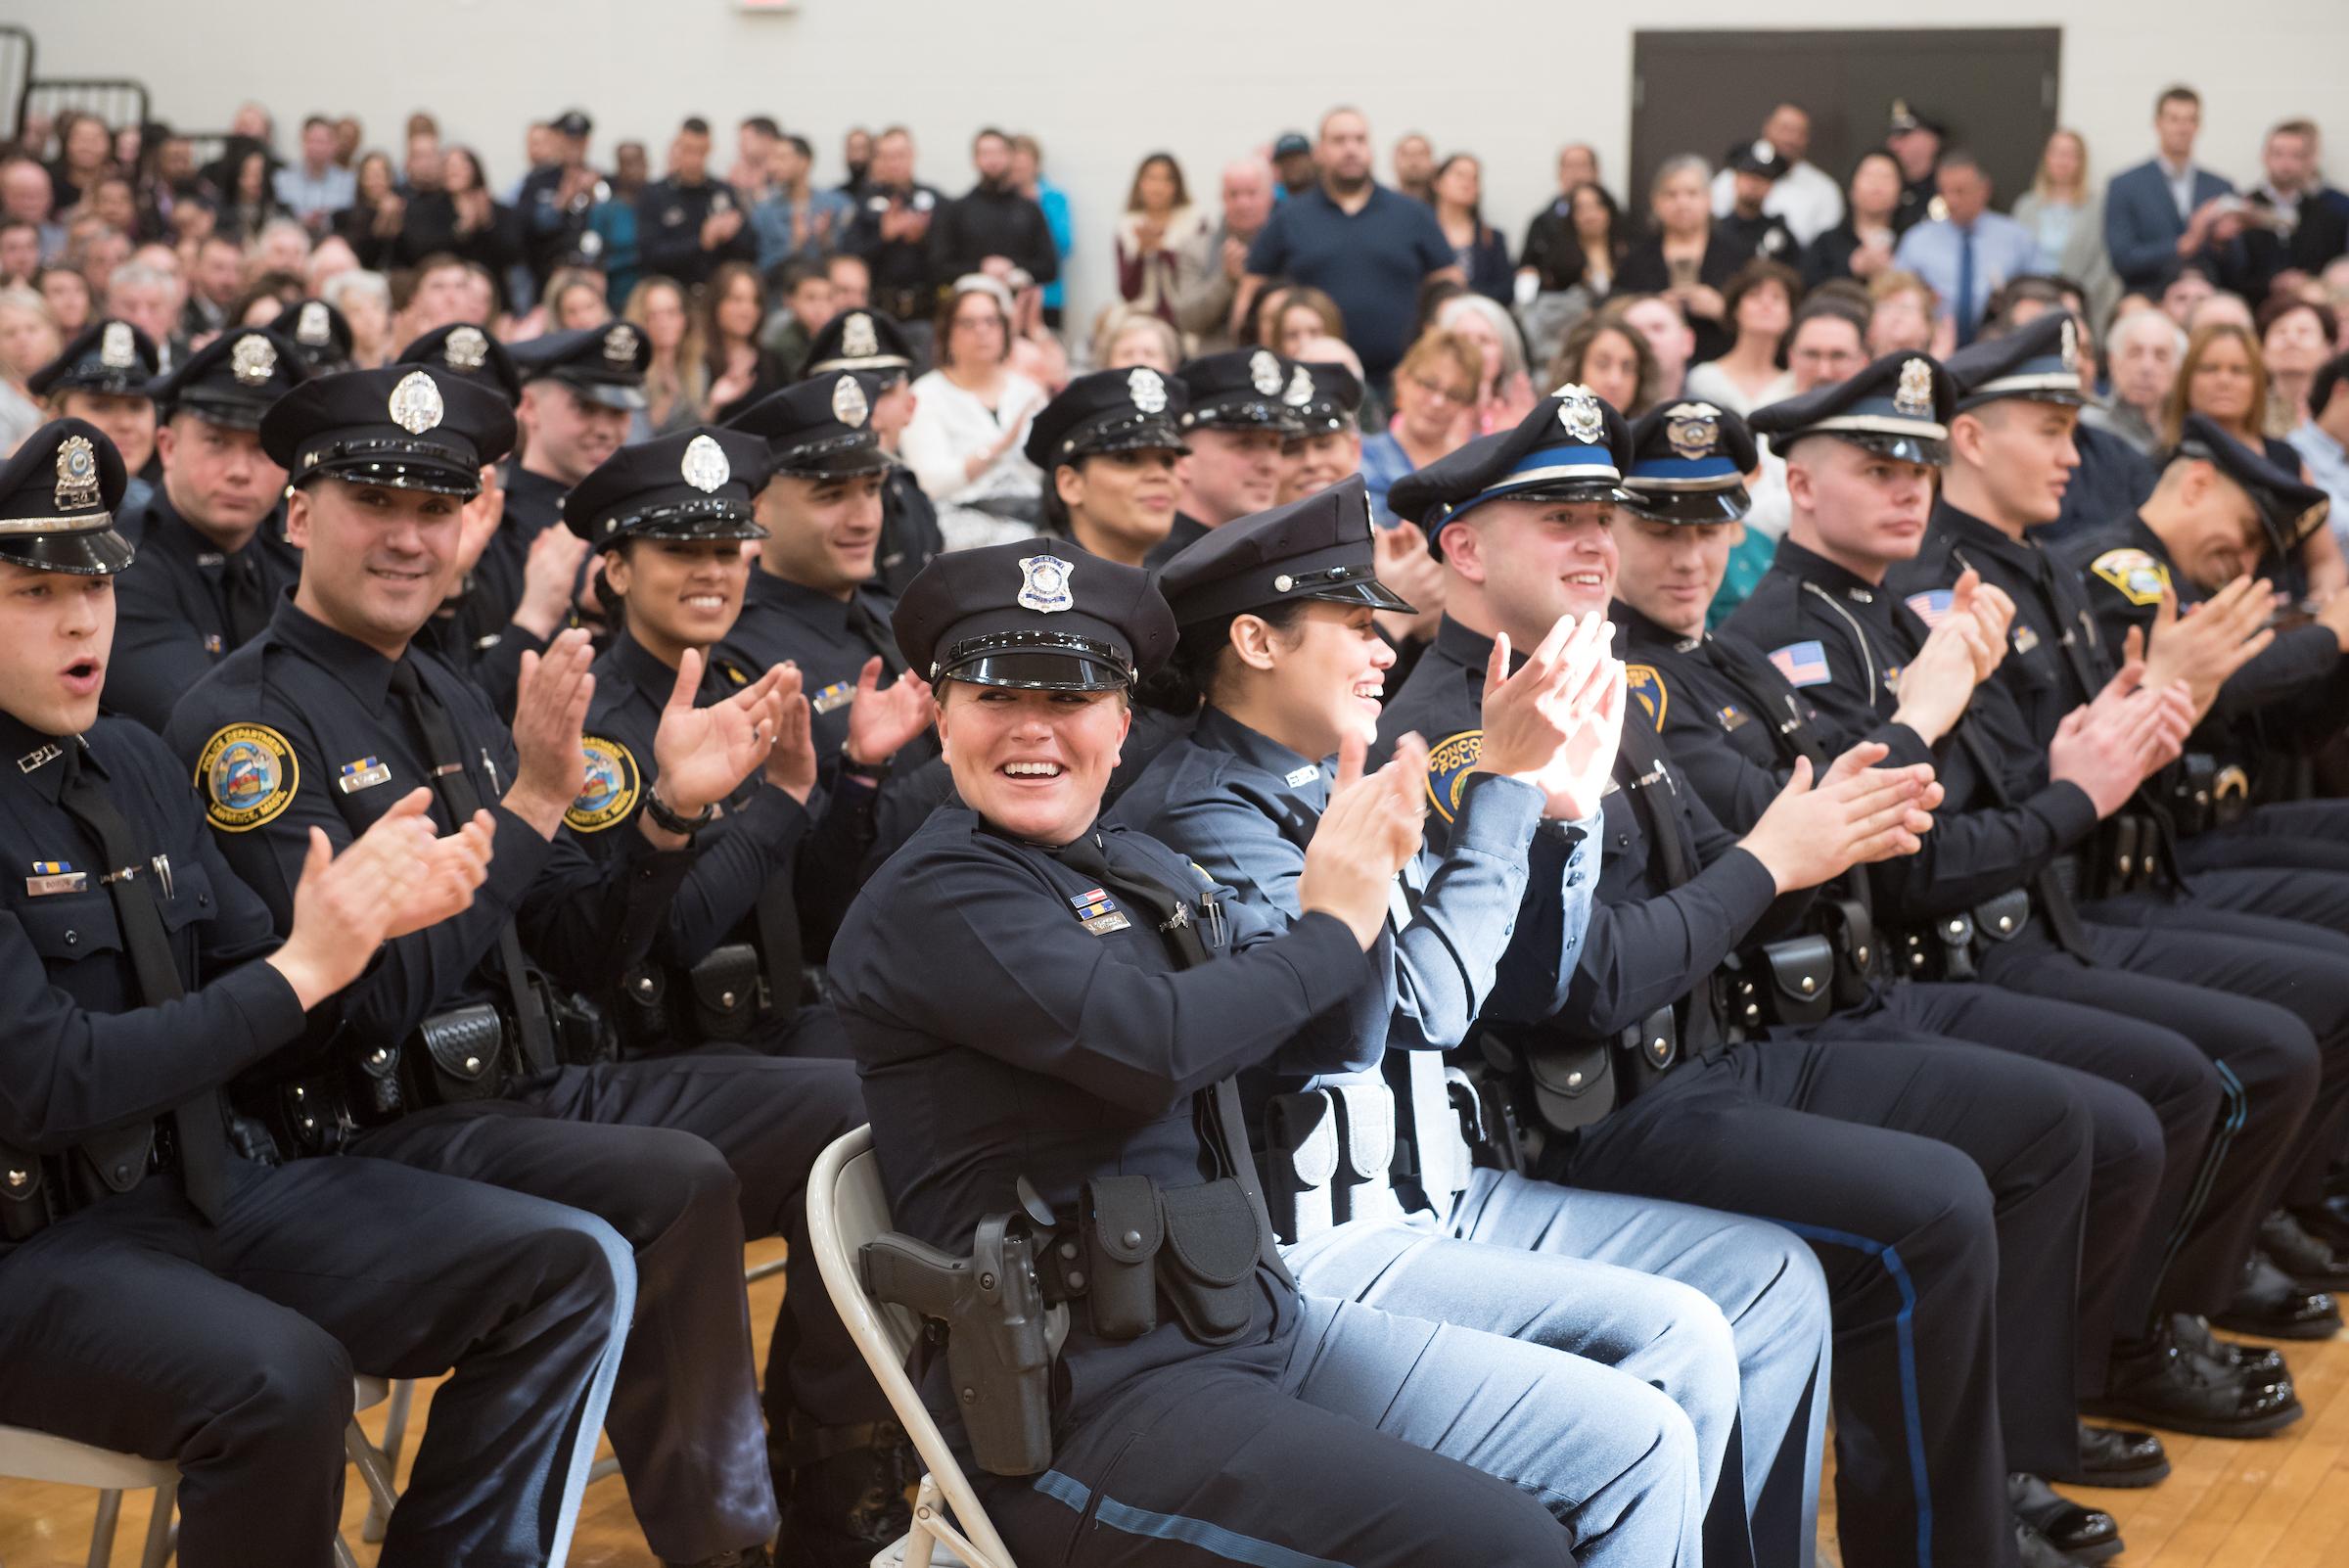 Police Akademy